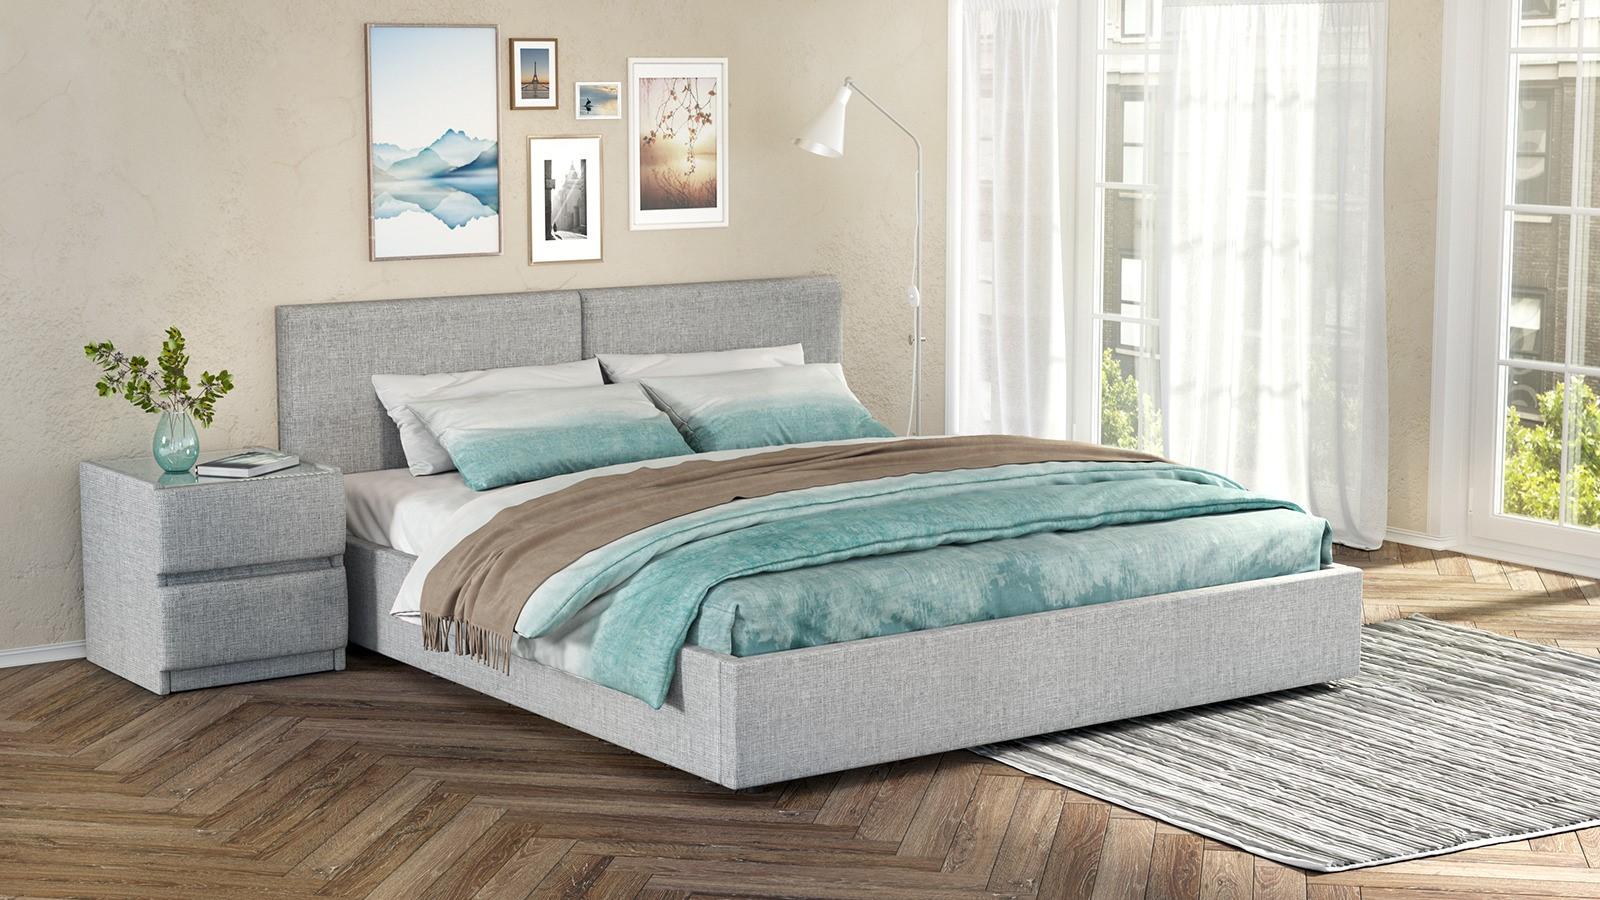 Фото - Кровать с подъемным механизмом Askona Lara кровать с подъемным механизмом askona milana